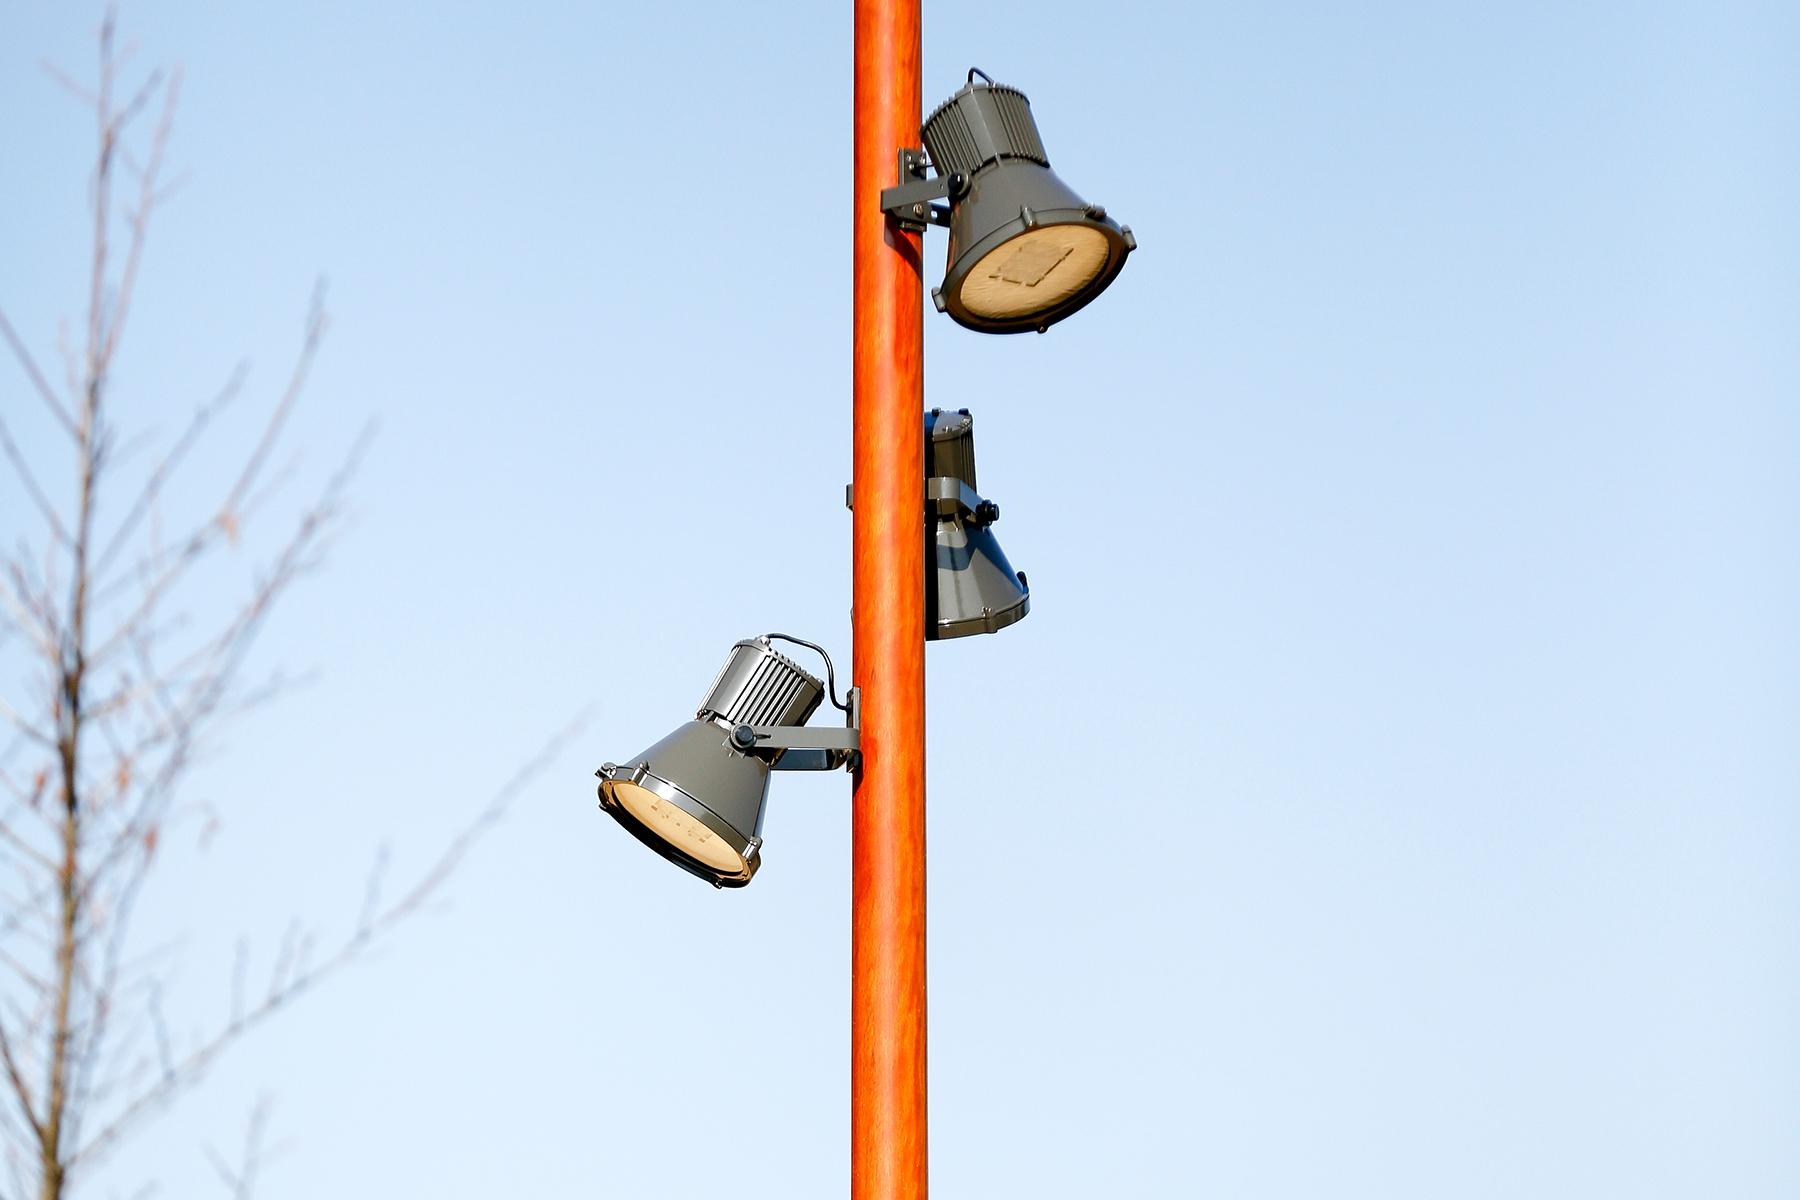 MSN_mast_services_Nederland_project_Universiteit_Wageningen_Campus_Forumgebouw_lichtmasten_02-1 (1)